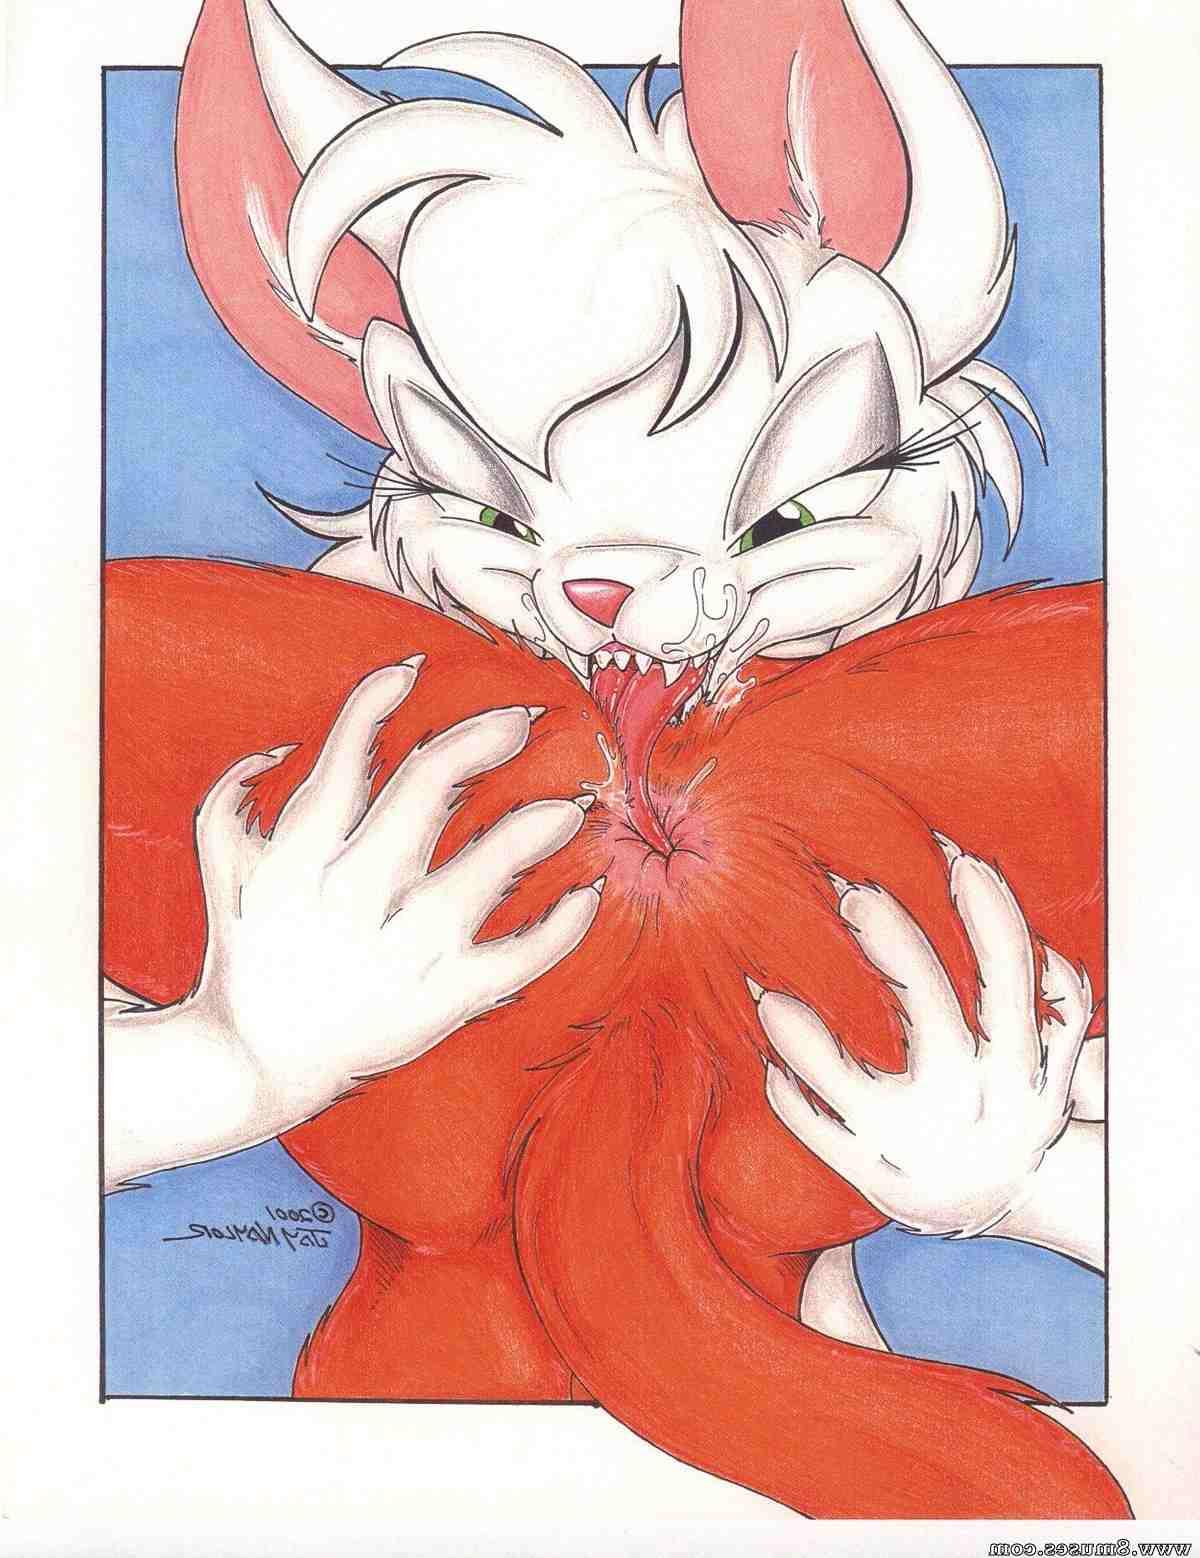 Jay-Naylor-Furry-Comics/Adult-Comix/Lucys-Scrapbook Lucys_Scrapbook__8muses_-_Sex_and_Porn_Comics_15.jpg